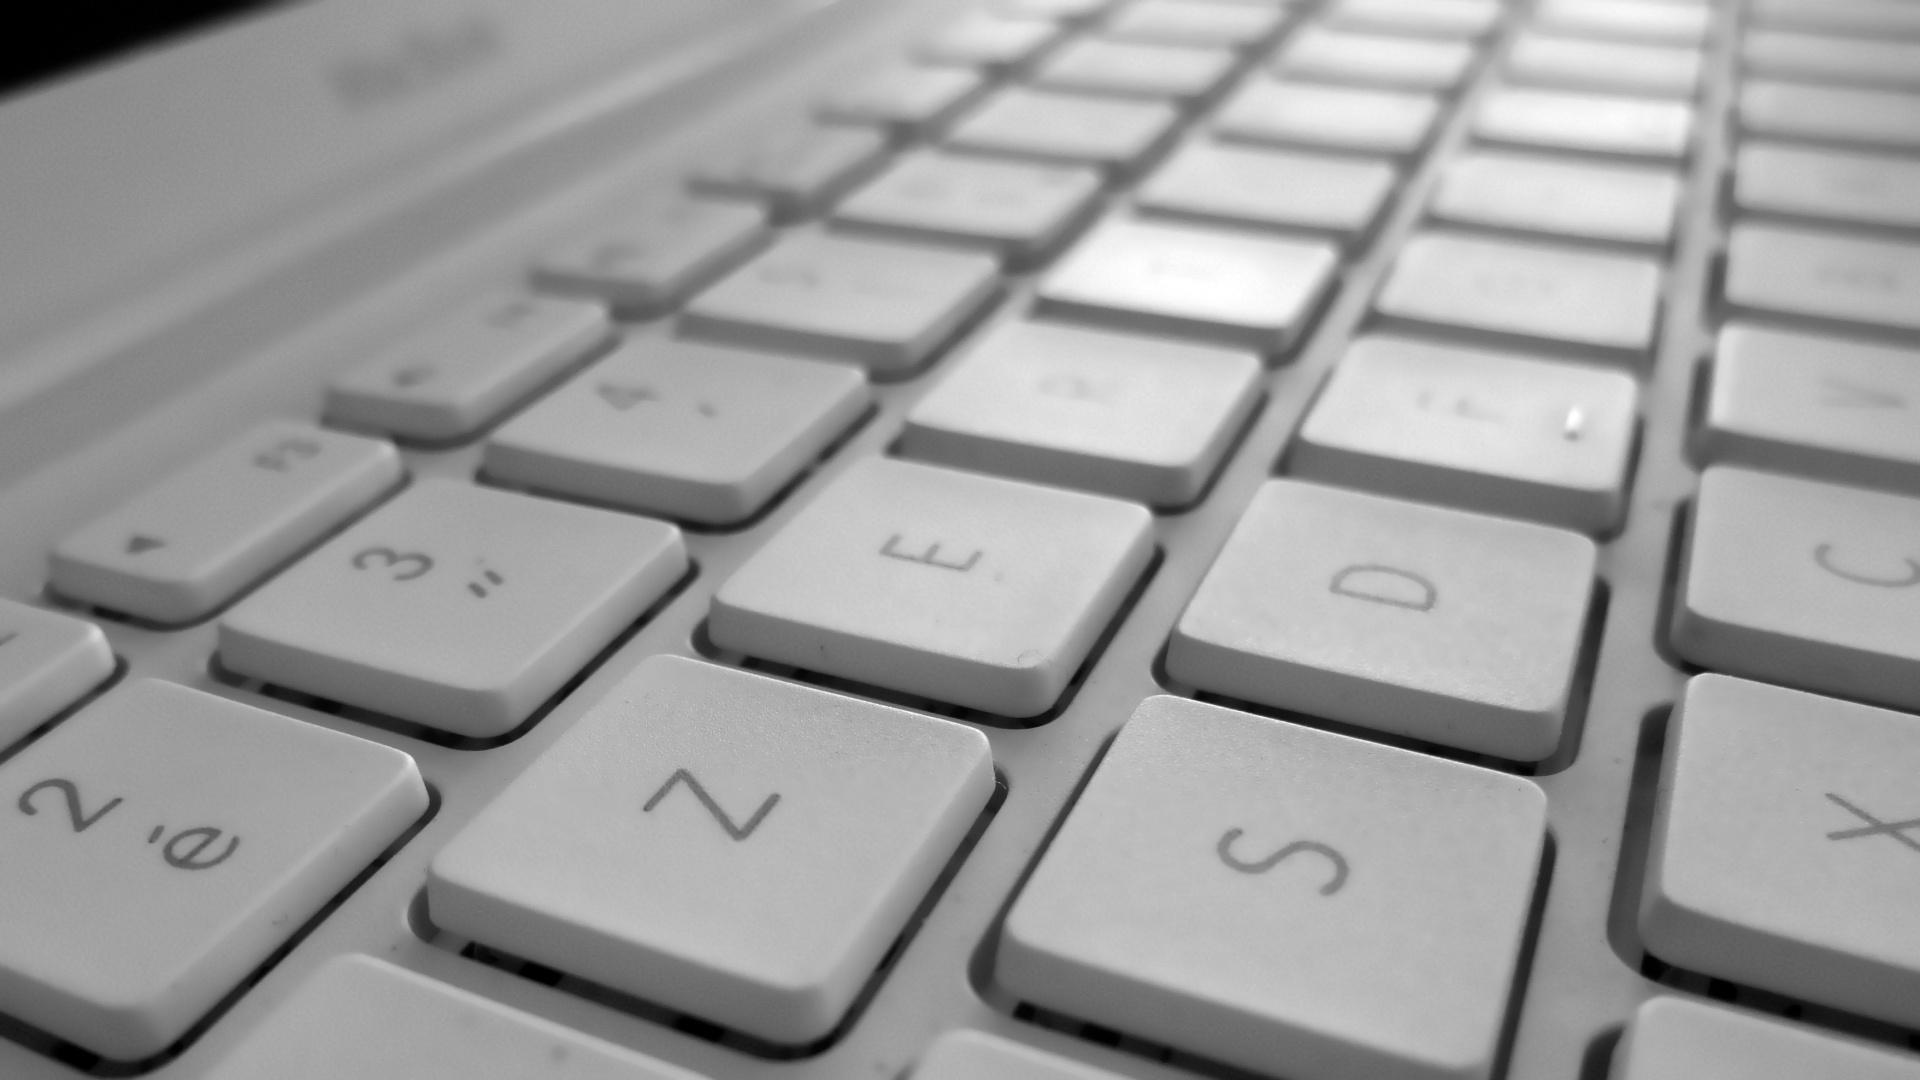 بالصور صور لوحة المفاتيح , صور احترافية للوحة المفاتيح 6049 7